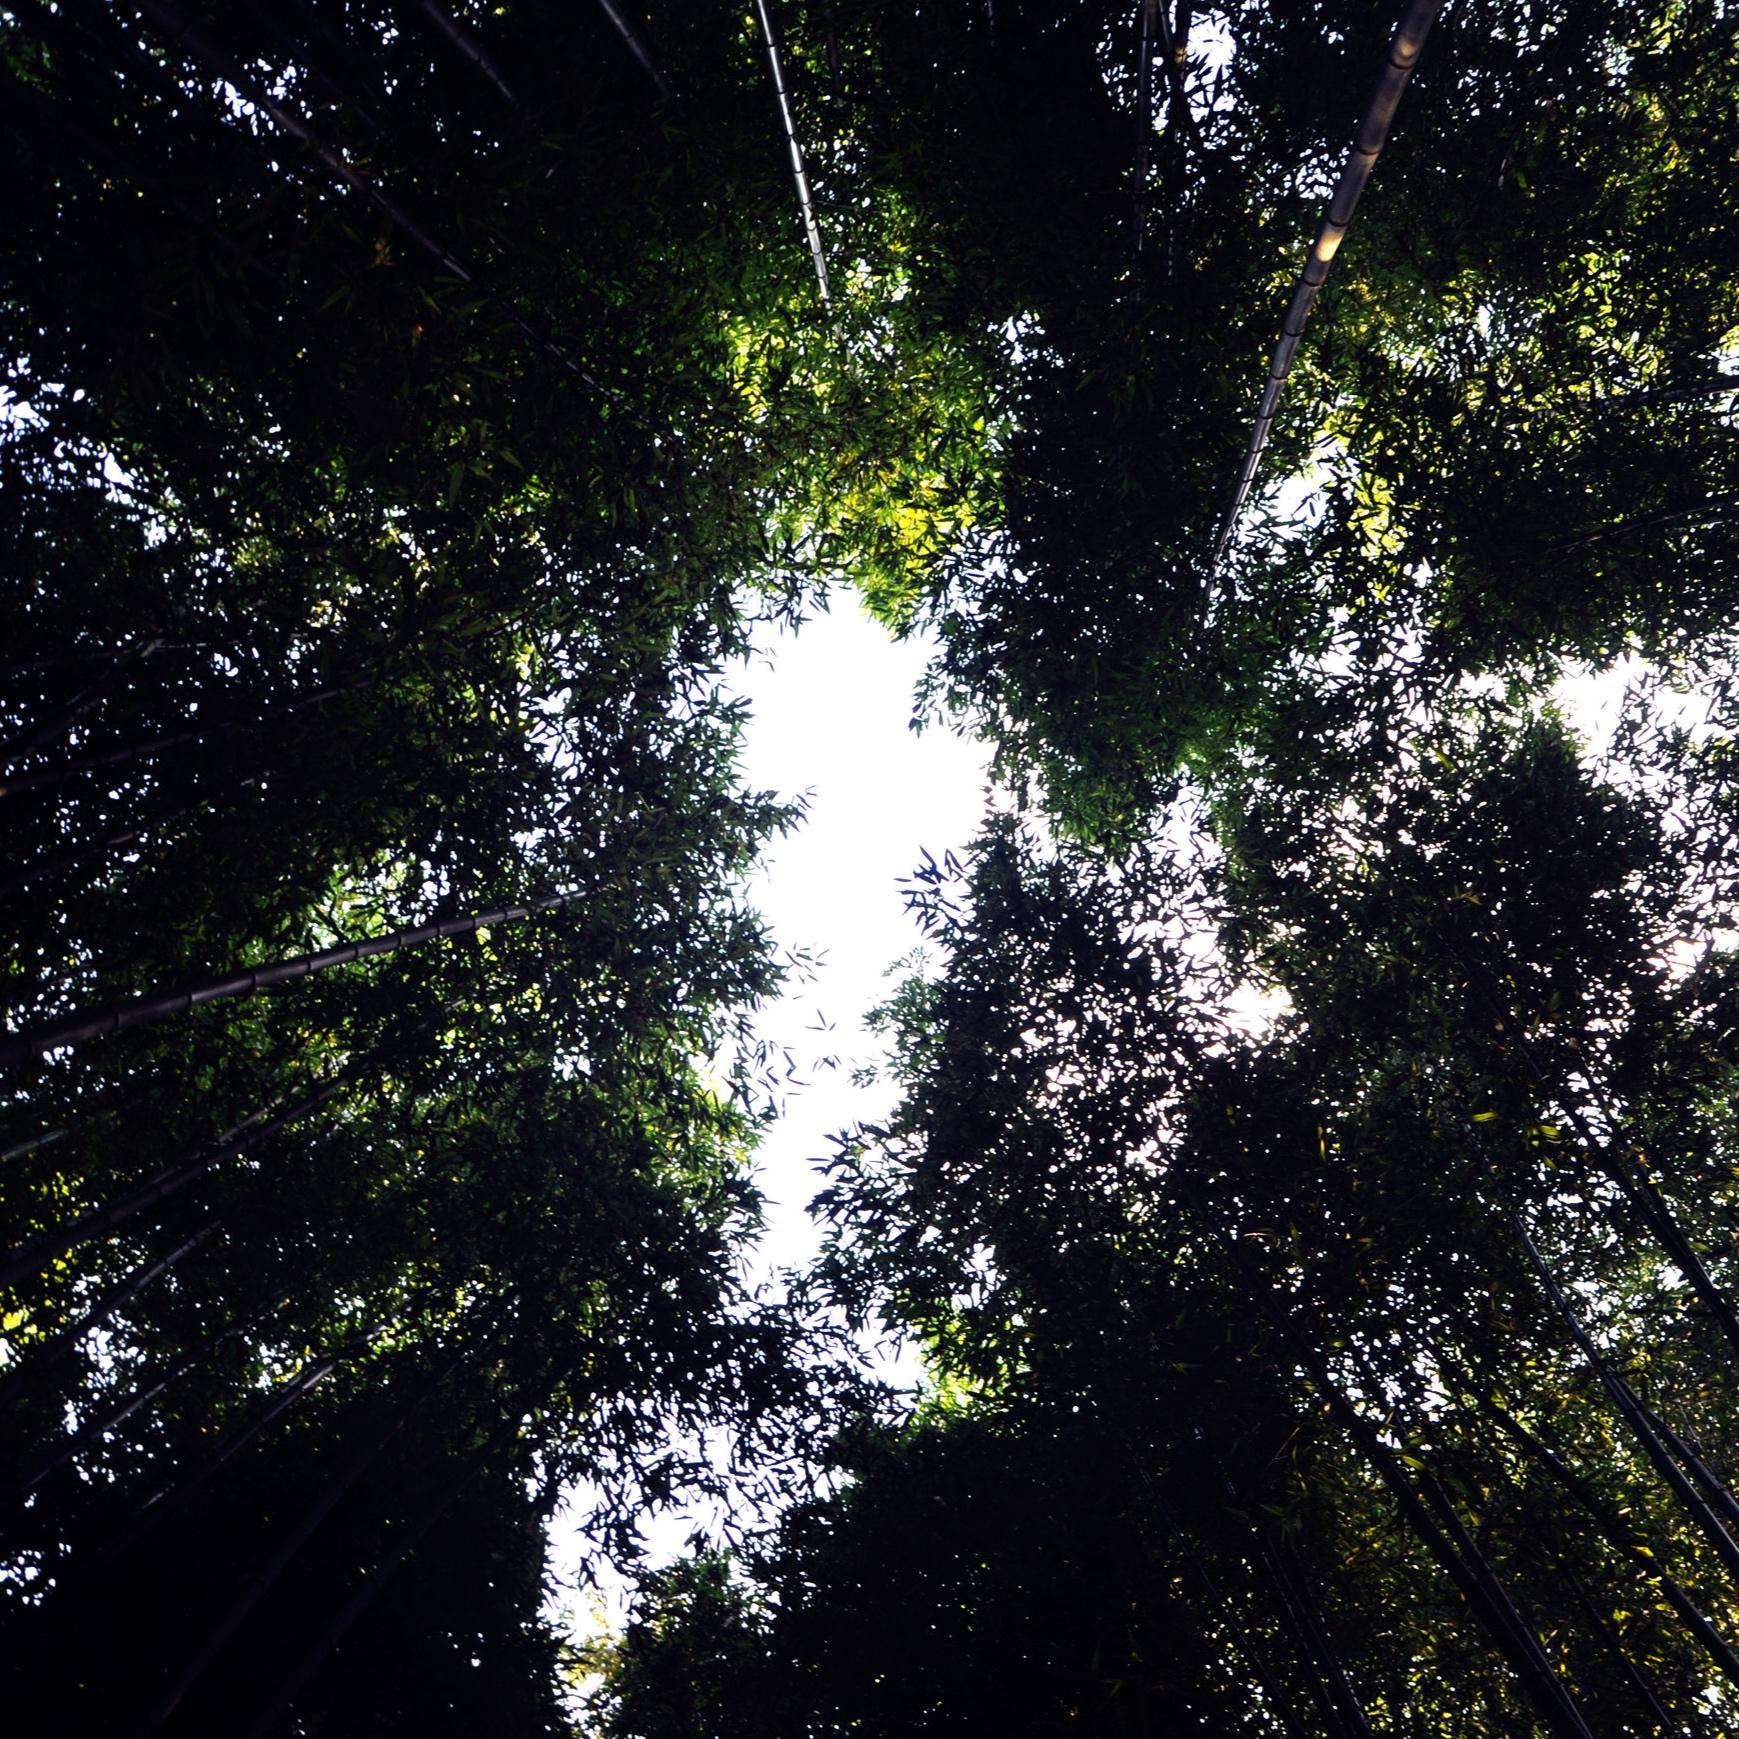 - Los bambúes son plantas de la familia de las gramíneas (Poaceae), de la subfamilia Bambusoideae. En el mundo existen 1500 especies y 90 géneros de bambú, distribuidas en los cinco continentes, principalmente en áreas tropicales y subtropicales con alturas que van hasta los 40 m de altura, un diámetro de hasta 30 cm en la base y de diferentes colores (verdes, amarillas, negras).El bambú se compone del rizoma, culmo (la caña, compuesto por nudos y entrenudos), yema, complemento de rama, hoja caulinar y follaje. Al bambú se los clasifica de diferentes formas, una de las clasificaciones mas comunes es de acuerdo a su rizoma que pueden ser paquimorfo (no invasores que crecen en matas ya que tienen una estructura rizomatica muy corta y gruesa), leptomorfo (invasores que generan lo comúnmente llamado cañaverales, tienen una estructura subterránea elongado y delgado que pueden generar una red bajo tierra) y amfimorfo (combinación de ambas).Se lo llama el acero vegetal, por sus propiedades y eficiencia estructural siendo un material totalmente natural, es sustentable, liviano y flexible. Además tiene un rápido crecimiento e infinitos usos.